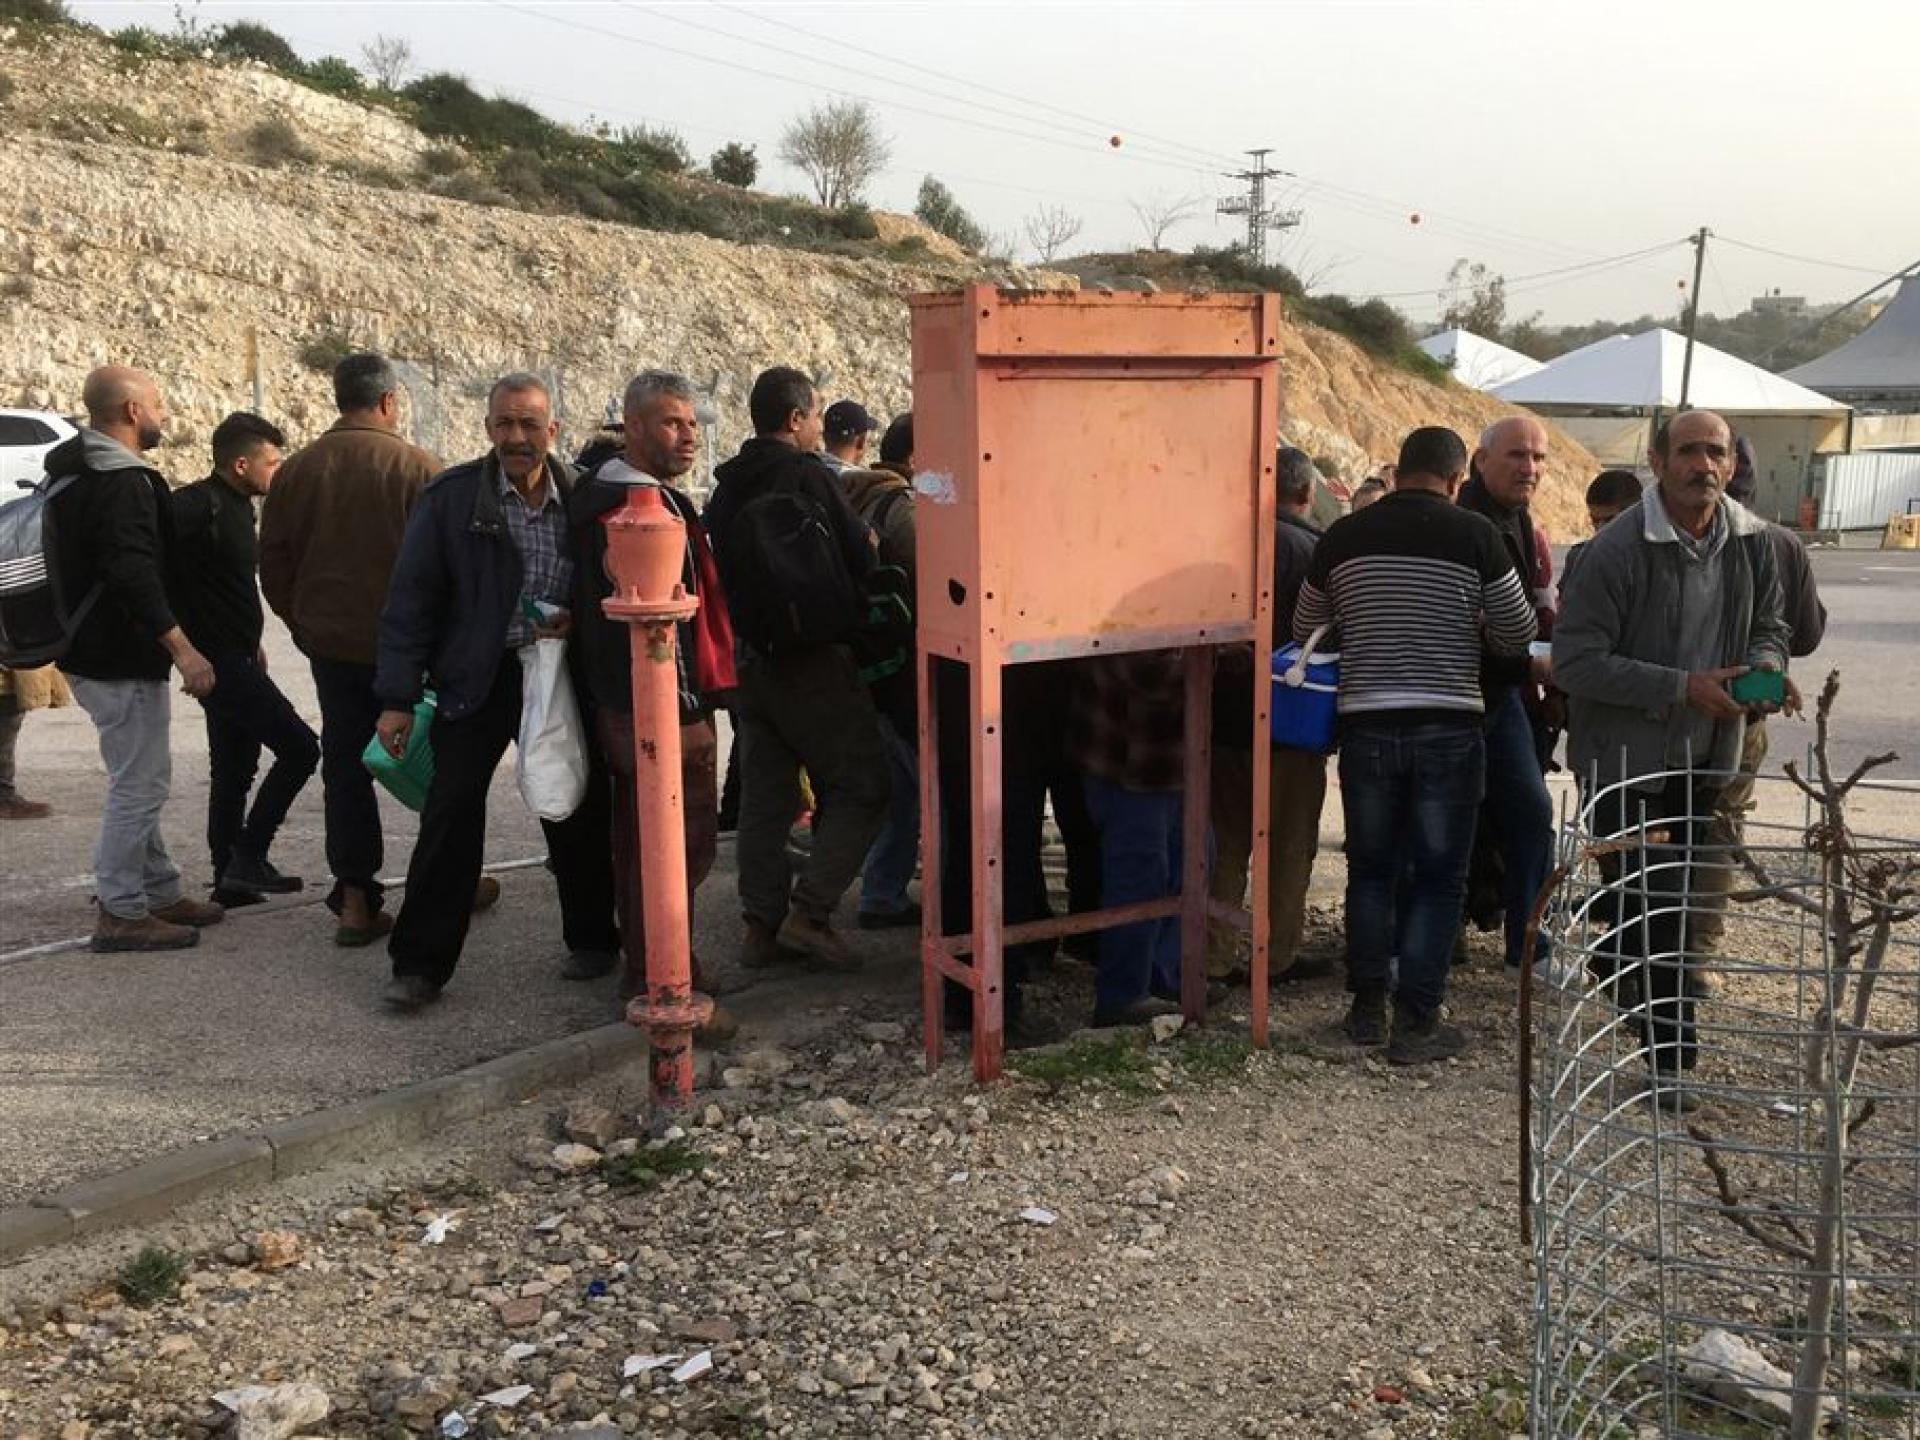 מחסום ברטעה: משמר הגבול מבצע בדיקת פתע לפלסטינים שחוזרים מהעבודה אל ביתם בגדה